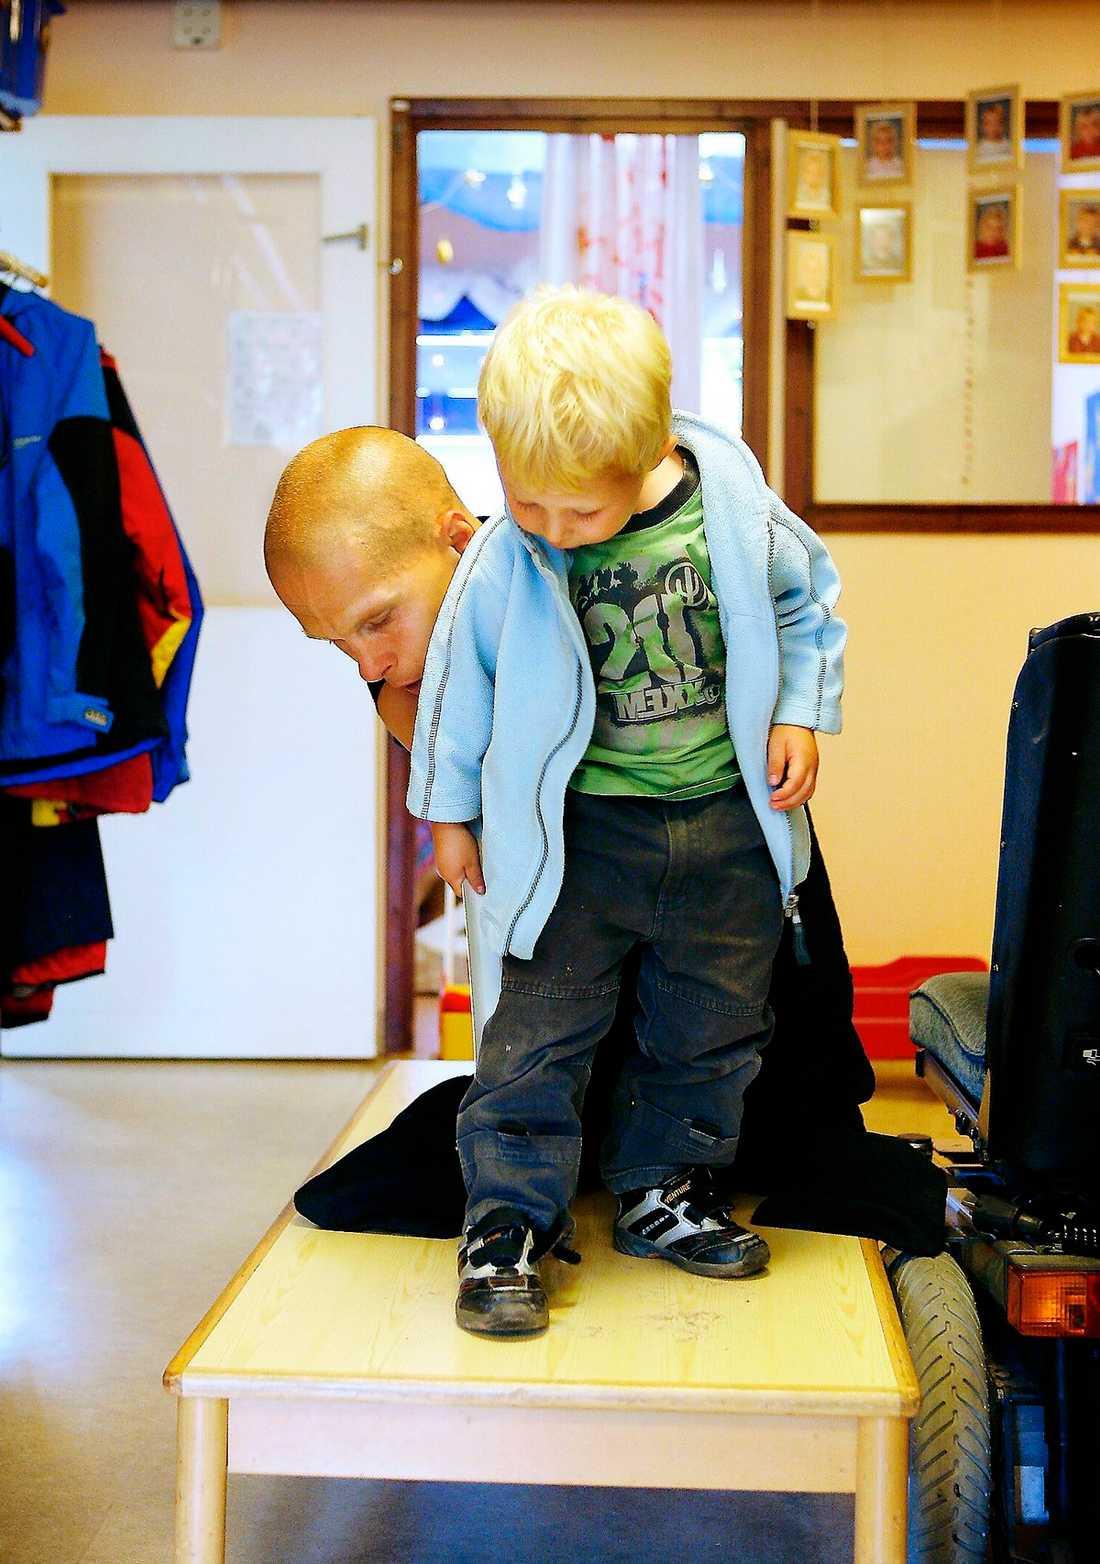 """Påklädning. """"Jag hjälper Linus ta av och på kläderna. Han reder sig själv med mina instruktioner"""", säger Mikael."""